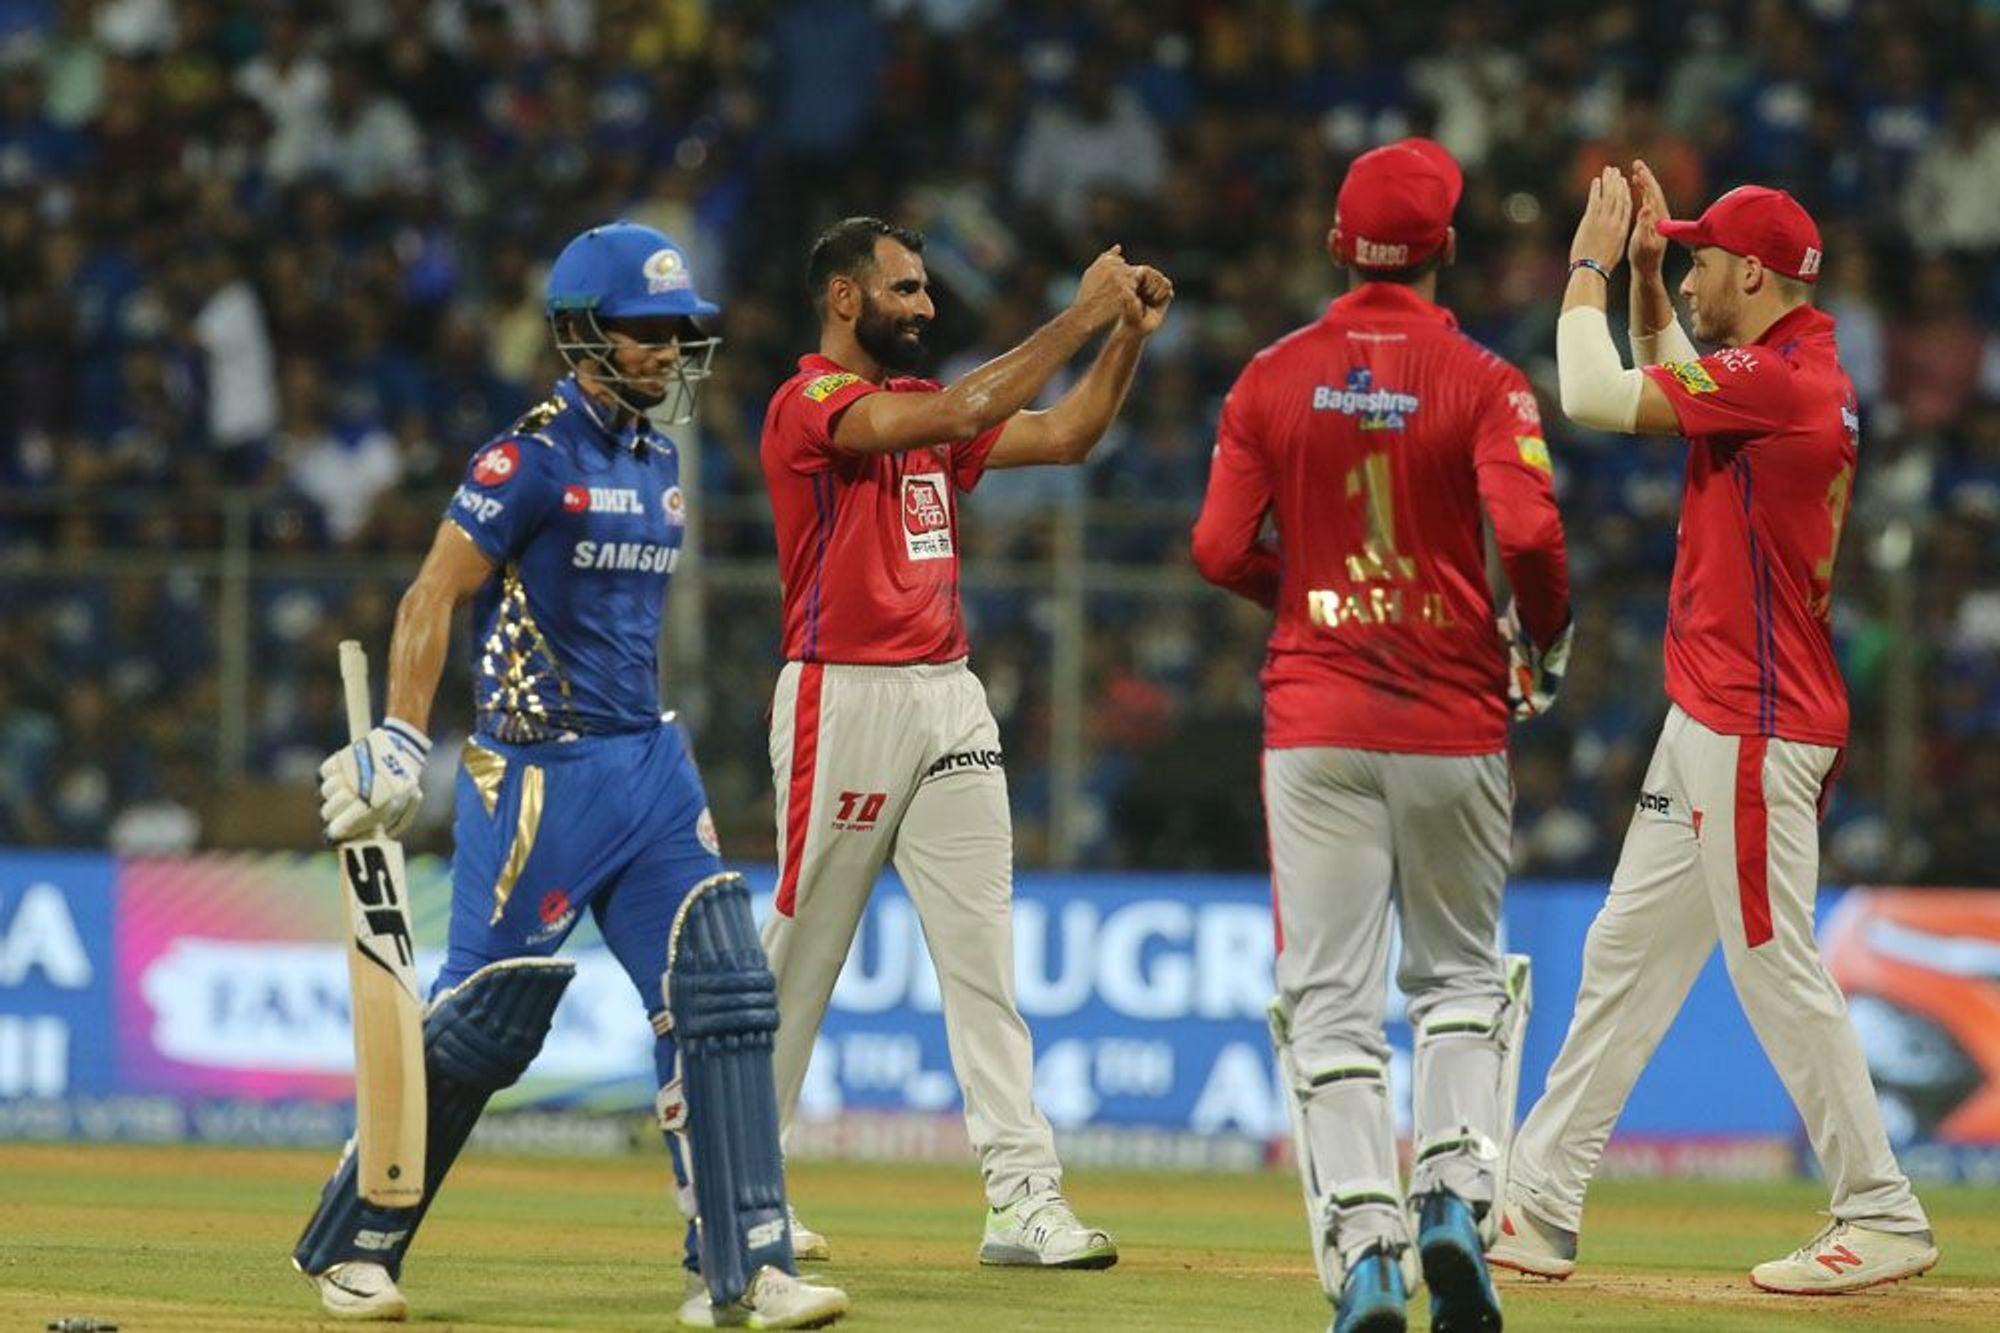 IPL 2019: MI vs KXIP: मुंबई इंडियंस की जीत के बाद भी इस खिलाड़ी को टीम से बाहर कर दिग्गज भारतीय खिलाड़ी को शामिल करने की उठी मांग 26